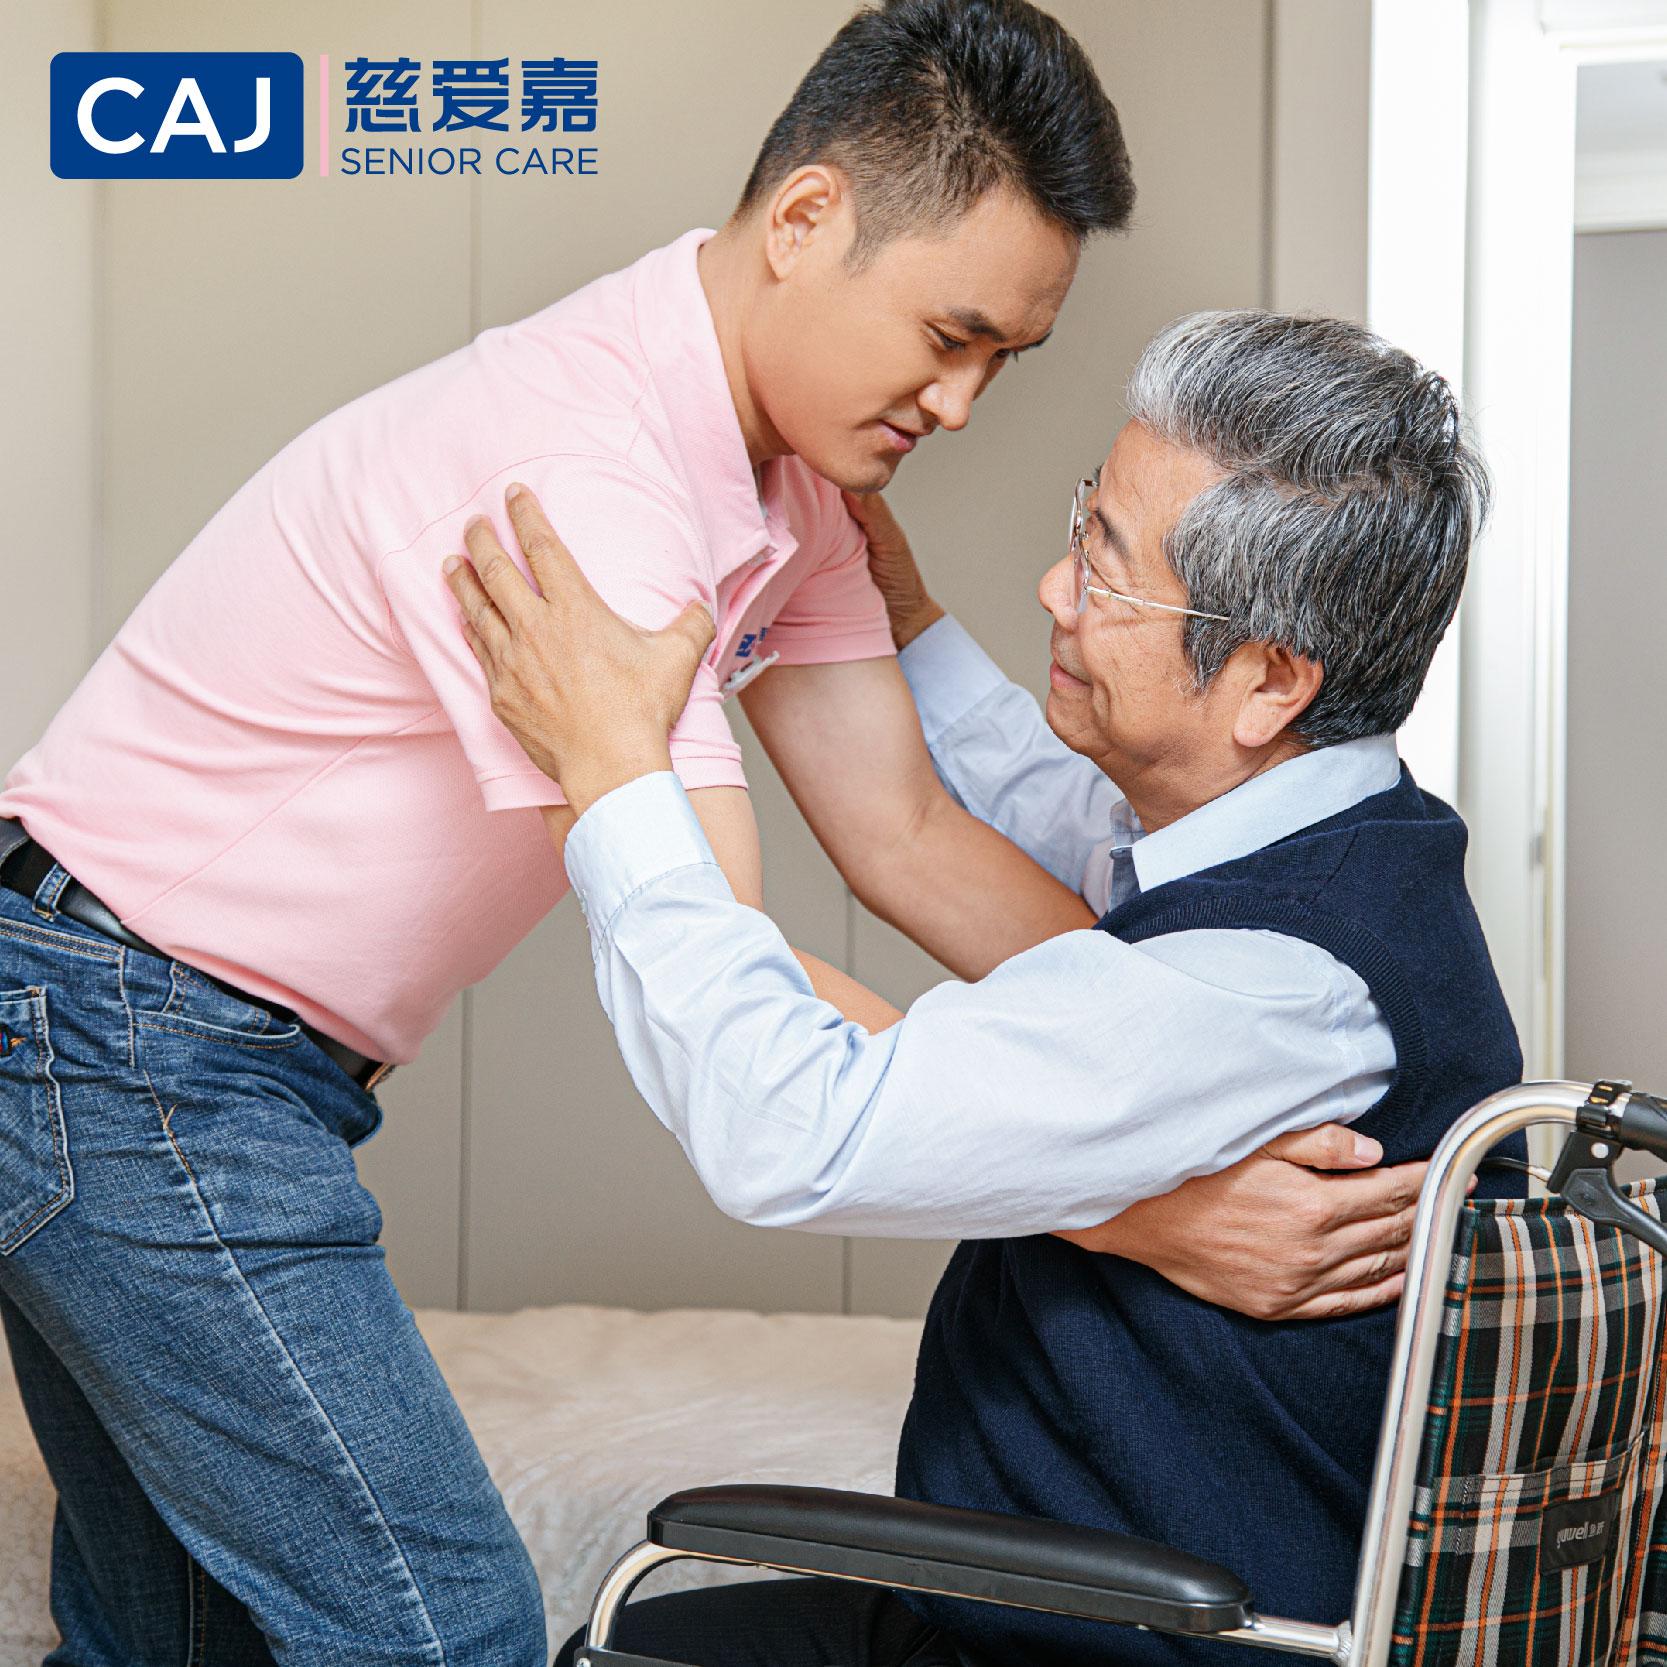 美好生活老年人全方位照护套餐